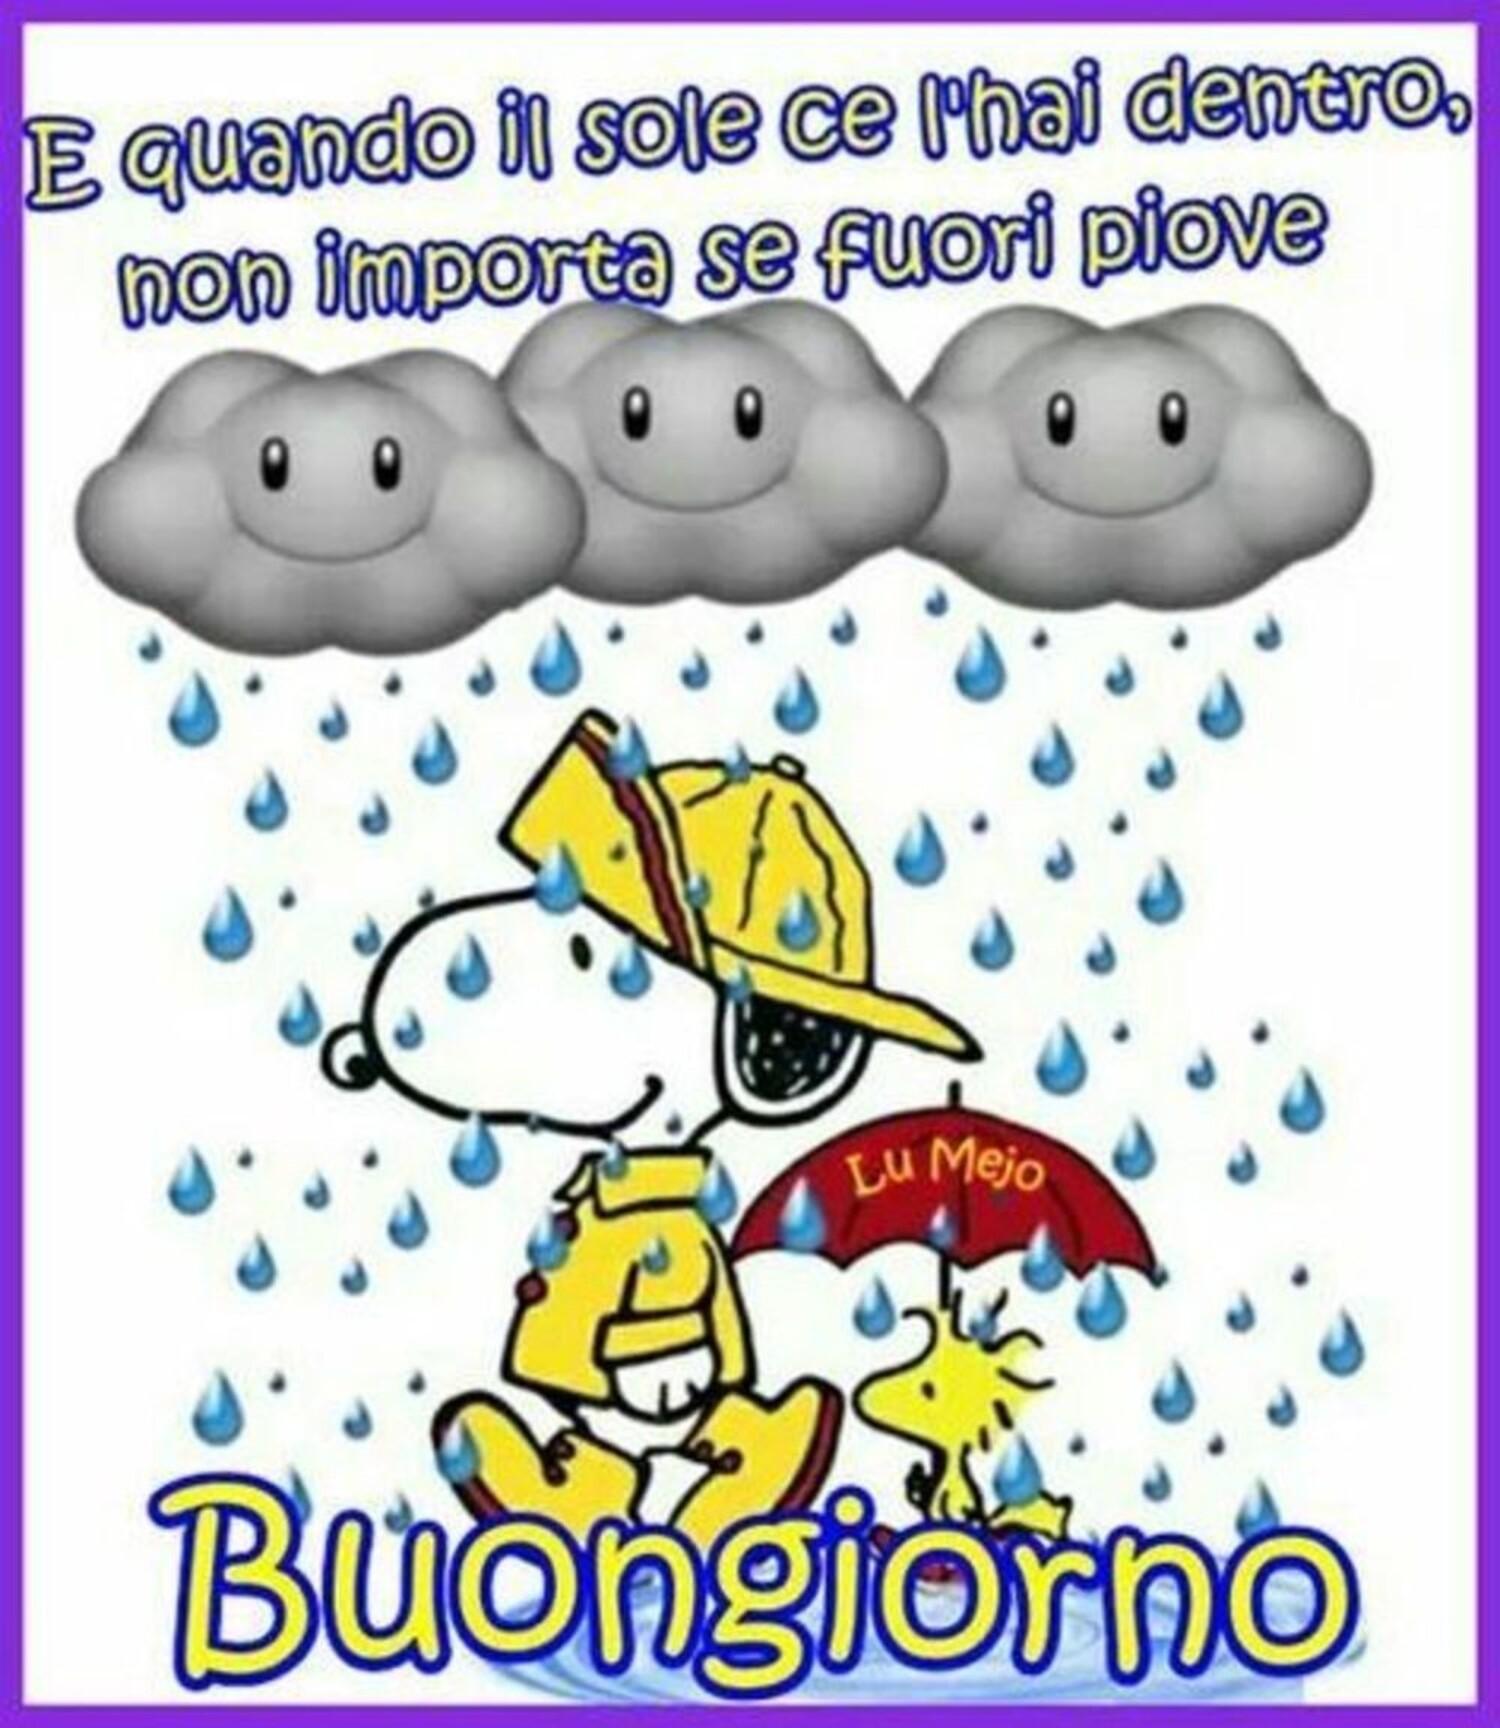 """""""E quando il sole ce l'hai dentro, non importa se fuori piove... Buongiorno"""" - da Snoopy e Woodstock"""